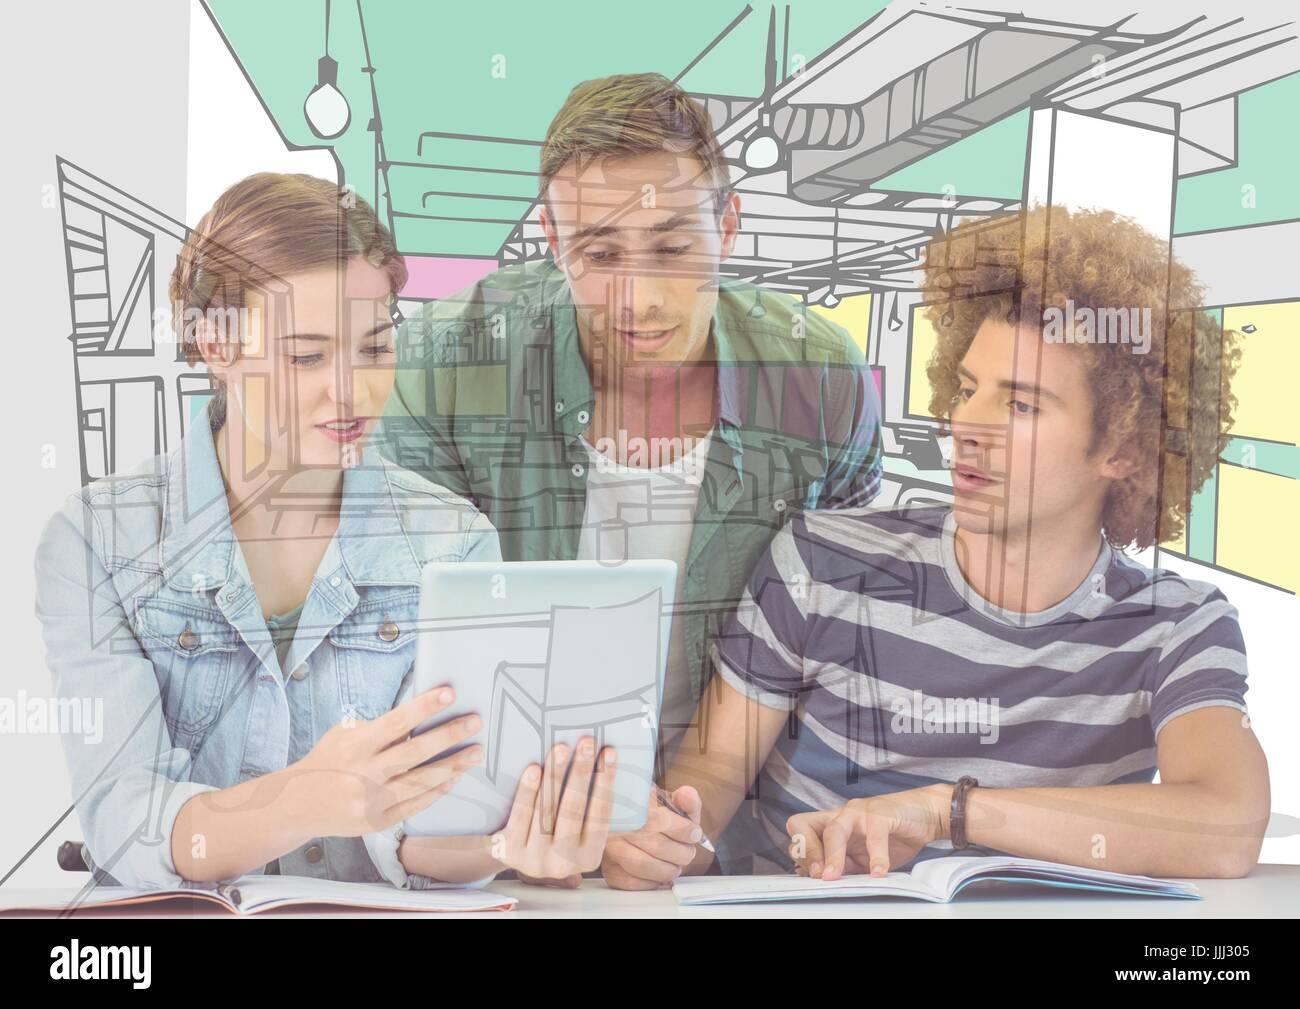 3 Junge Männer Und Frauen Auf Der Suche Auf Dem Tablet Die Auslosung